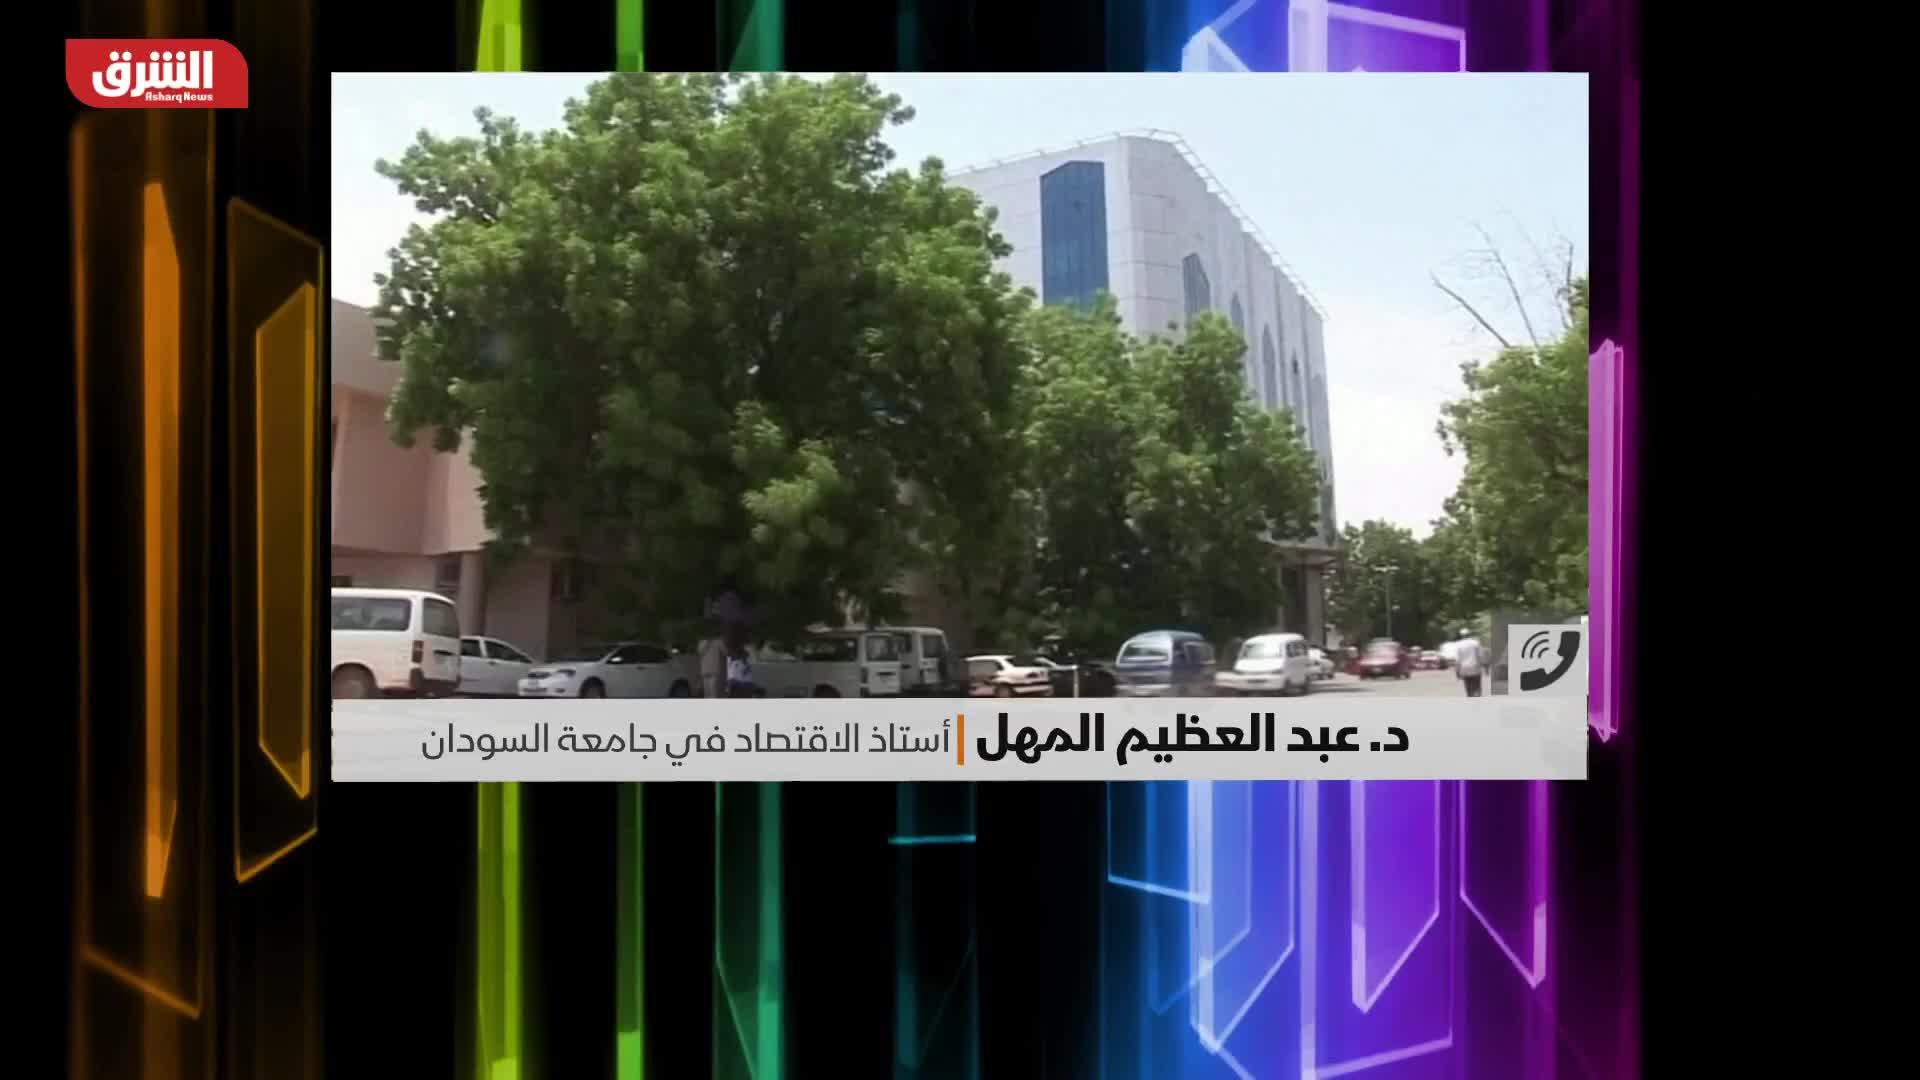 السودان.. ارتفاع سعر العملة الصعبة بالتزامع مع إعلان الطوارئ